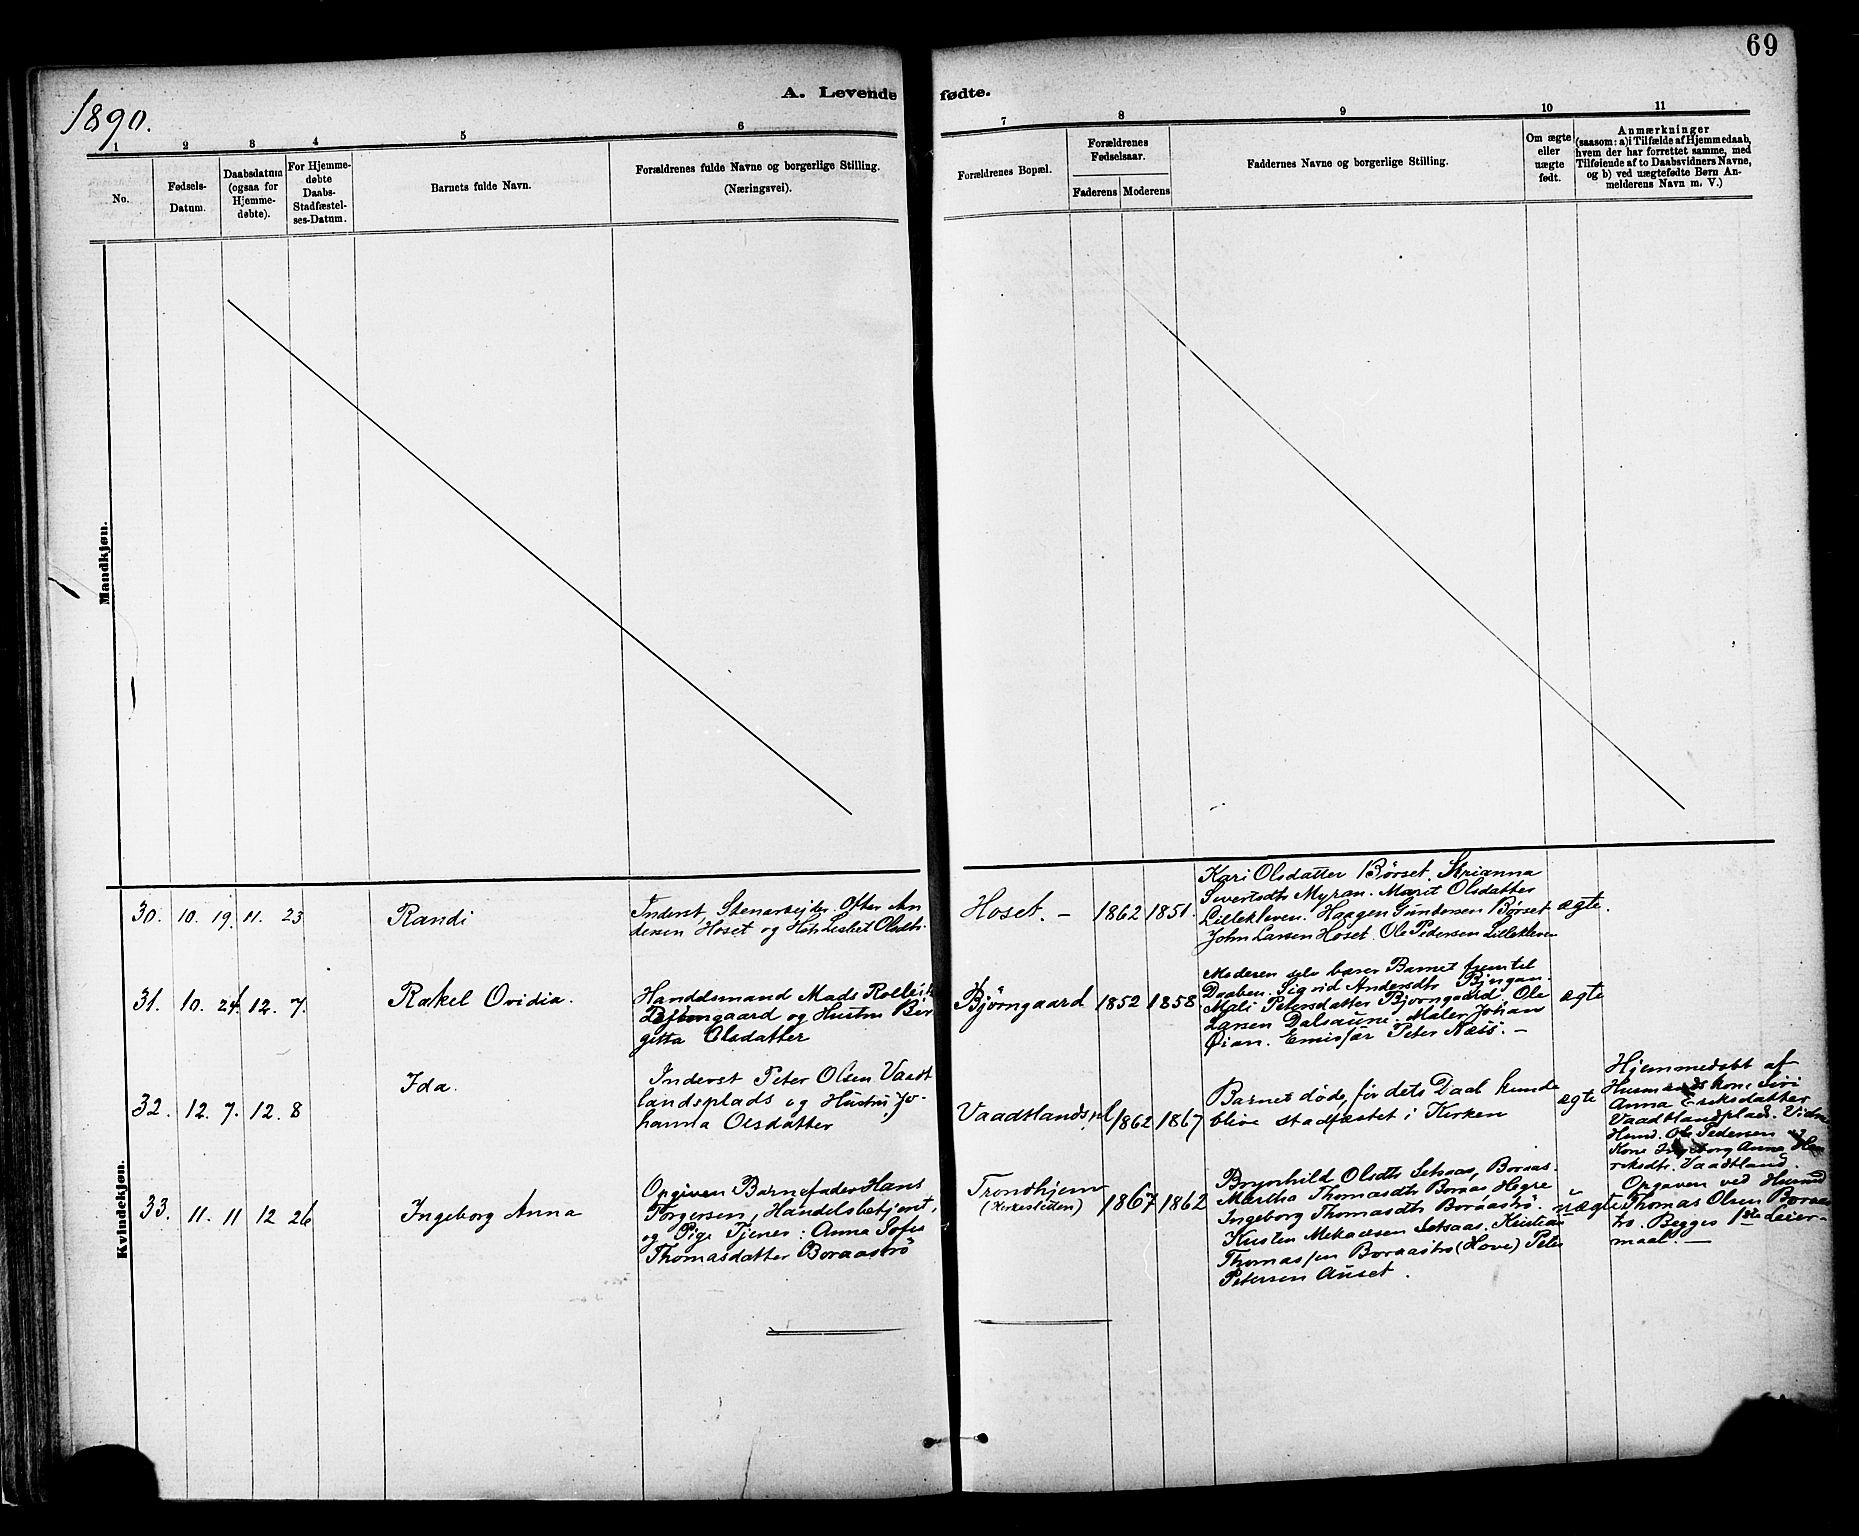 SAT, Ministerialprotokoller, klokkerbøker og fødselsregistre - Nord-Trøndelag, 703/L0030: Parish register (official) no. 703A03, 1880-1892, p. 69